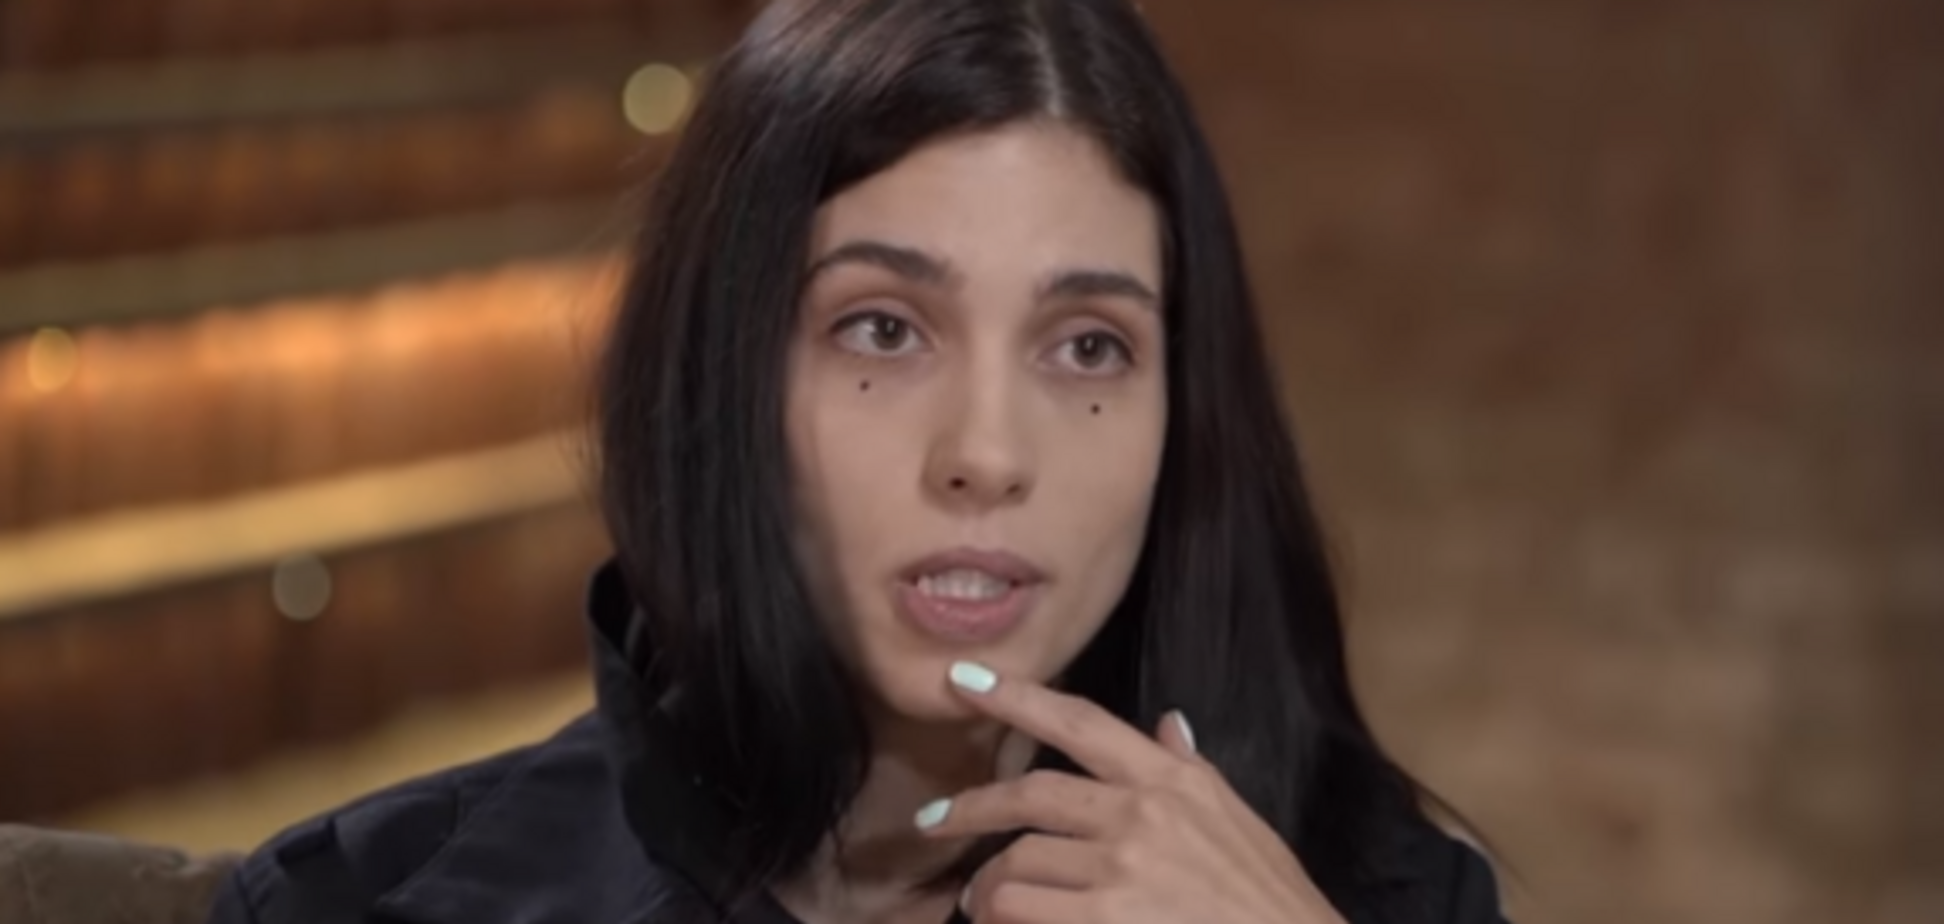 ''Поводжуся, як стандартний чоловік'': російська активістка розповіла про секс із жінками